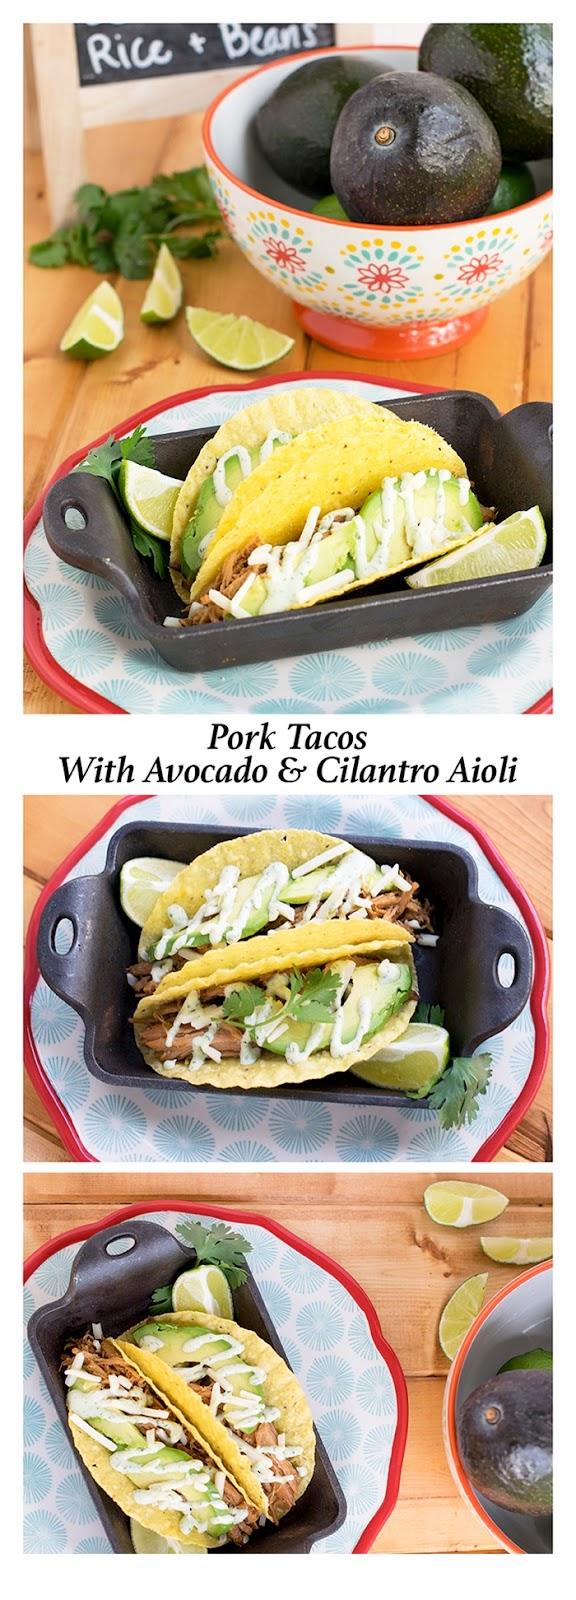 Pork Tacos with Avocado and Cilantro Aioli